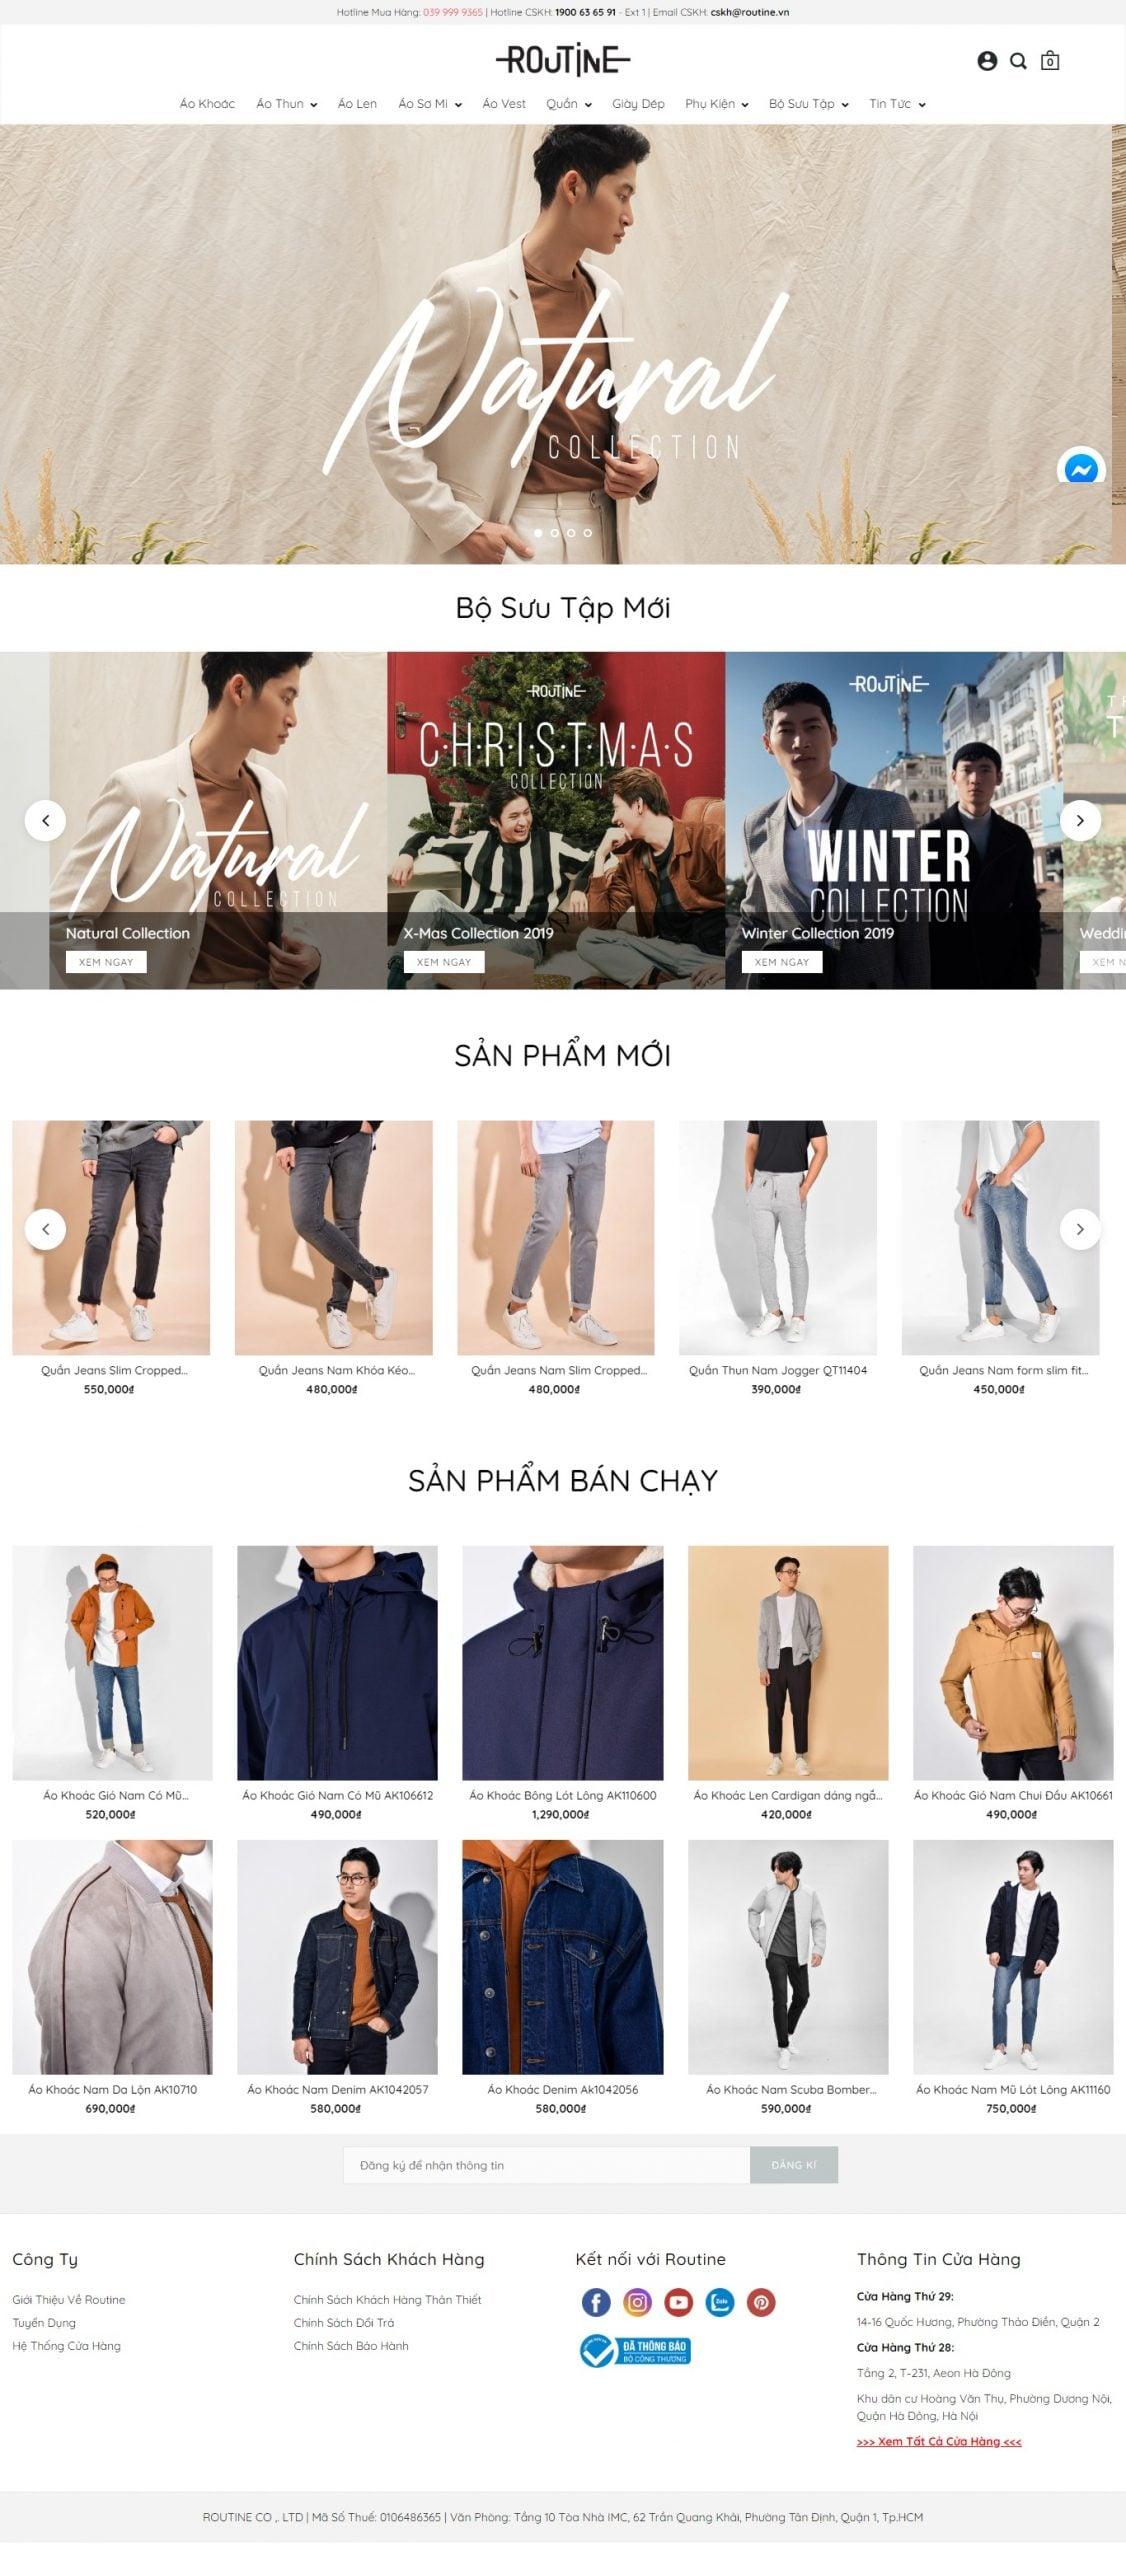 Mẫu thiết kế website bán hàng Thời Trang Nam Routine-routine.vn